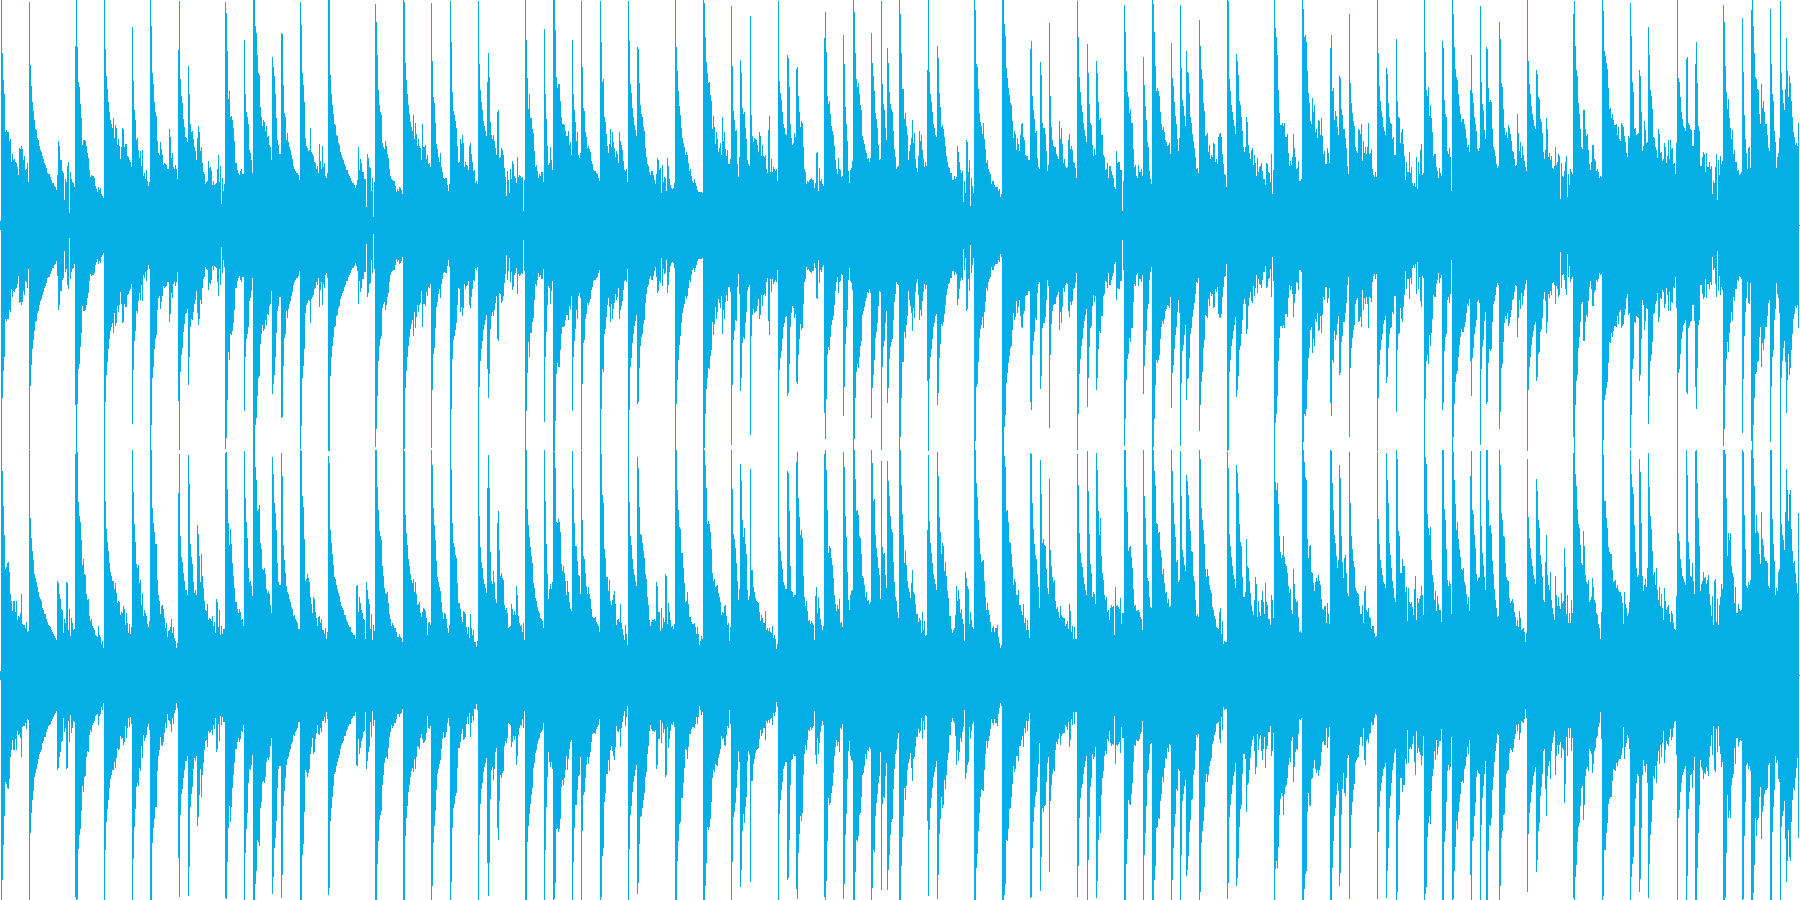 8bitチューンのRPG風フィールド用1の再生済みの波形